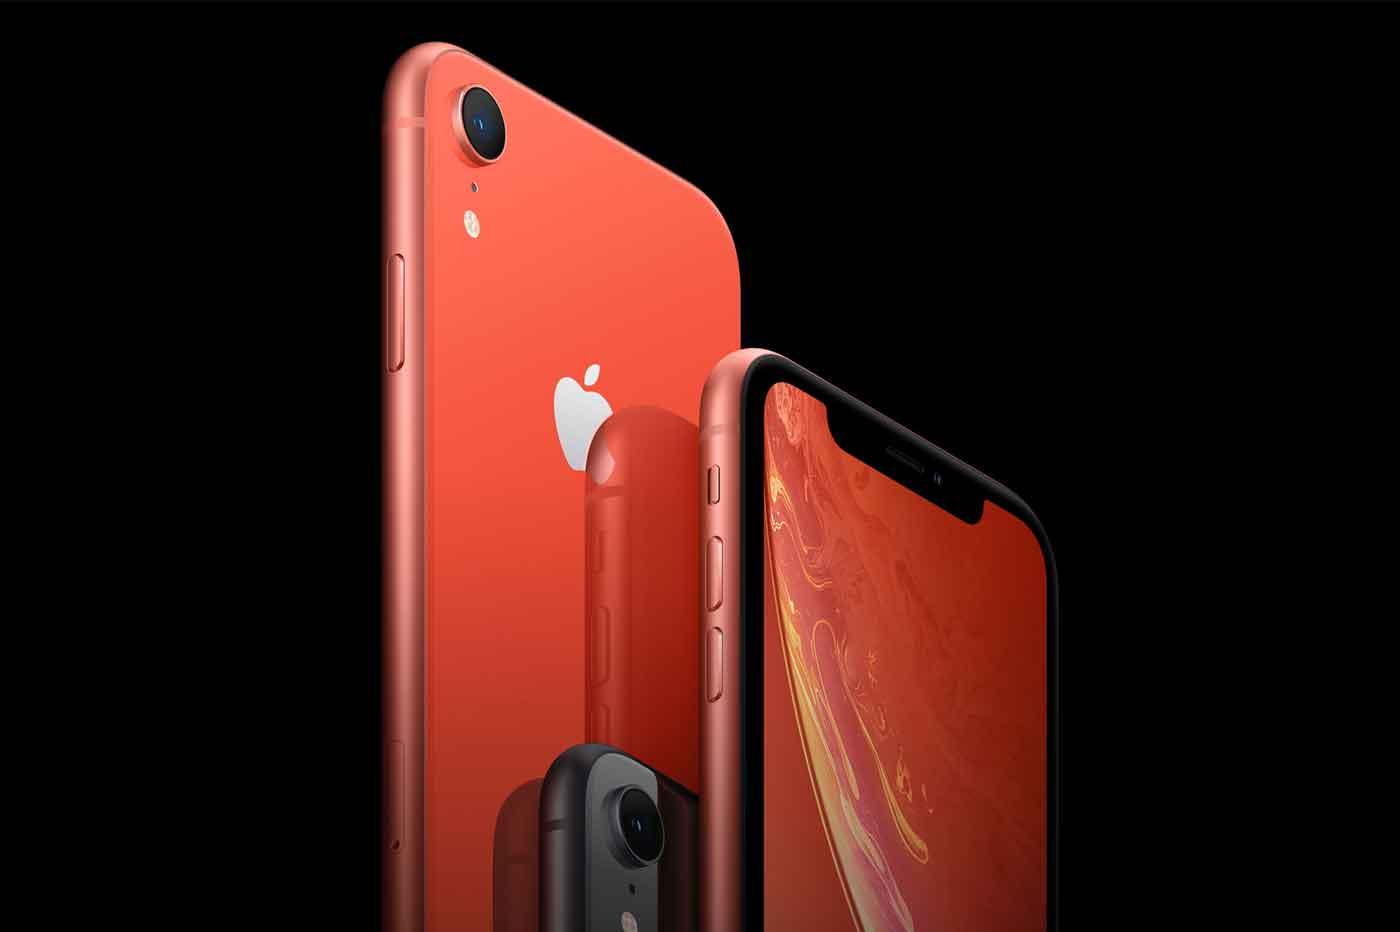 iPhone XR : le nombre d'exemplaires écoulés sera en dessous des prévisions